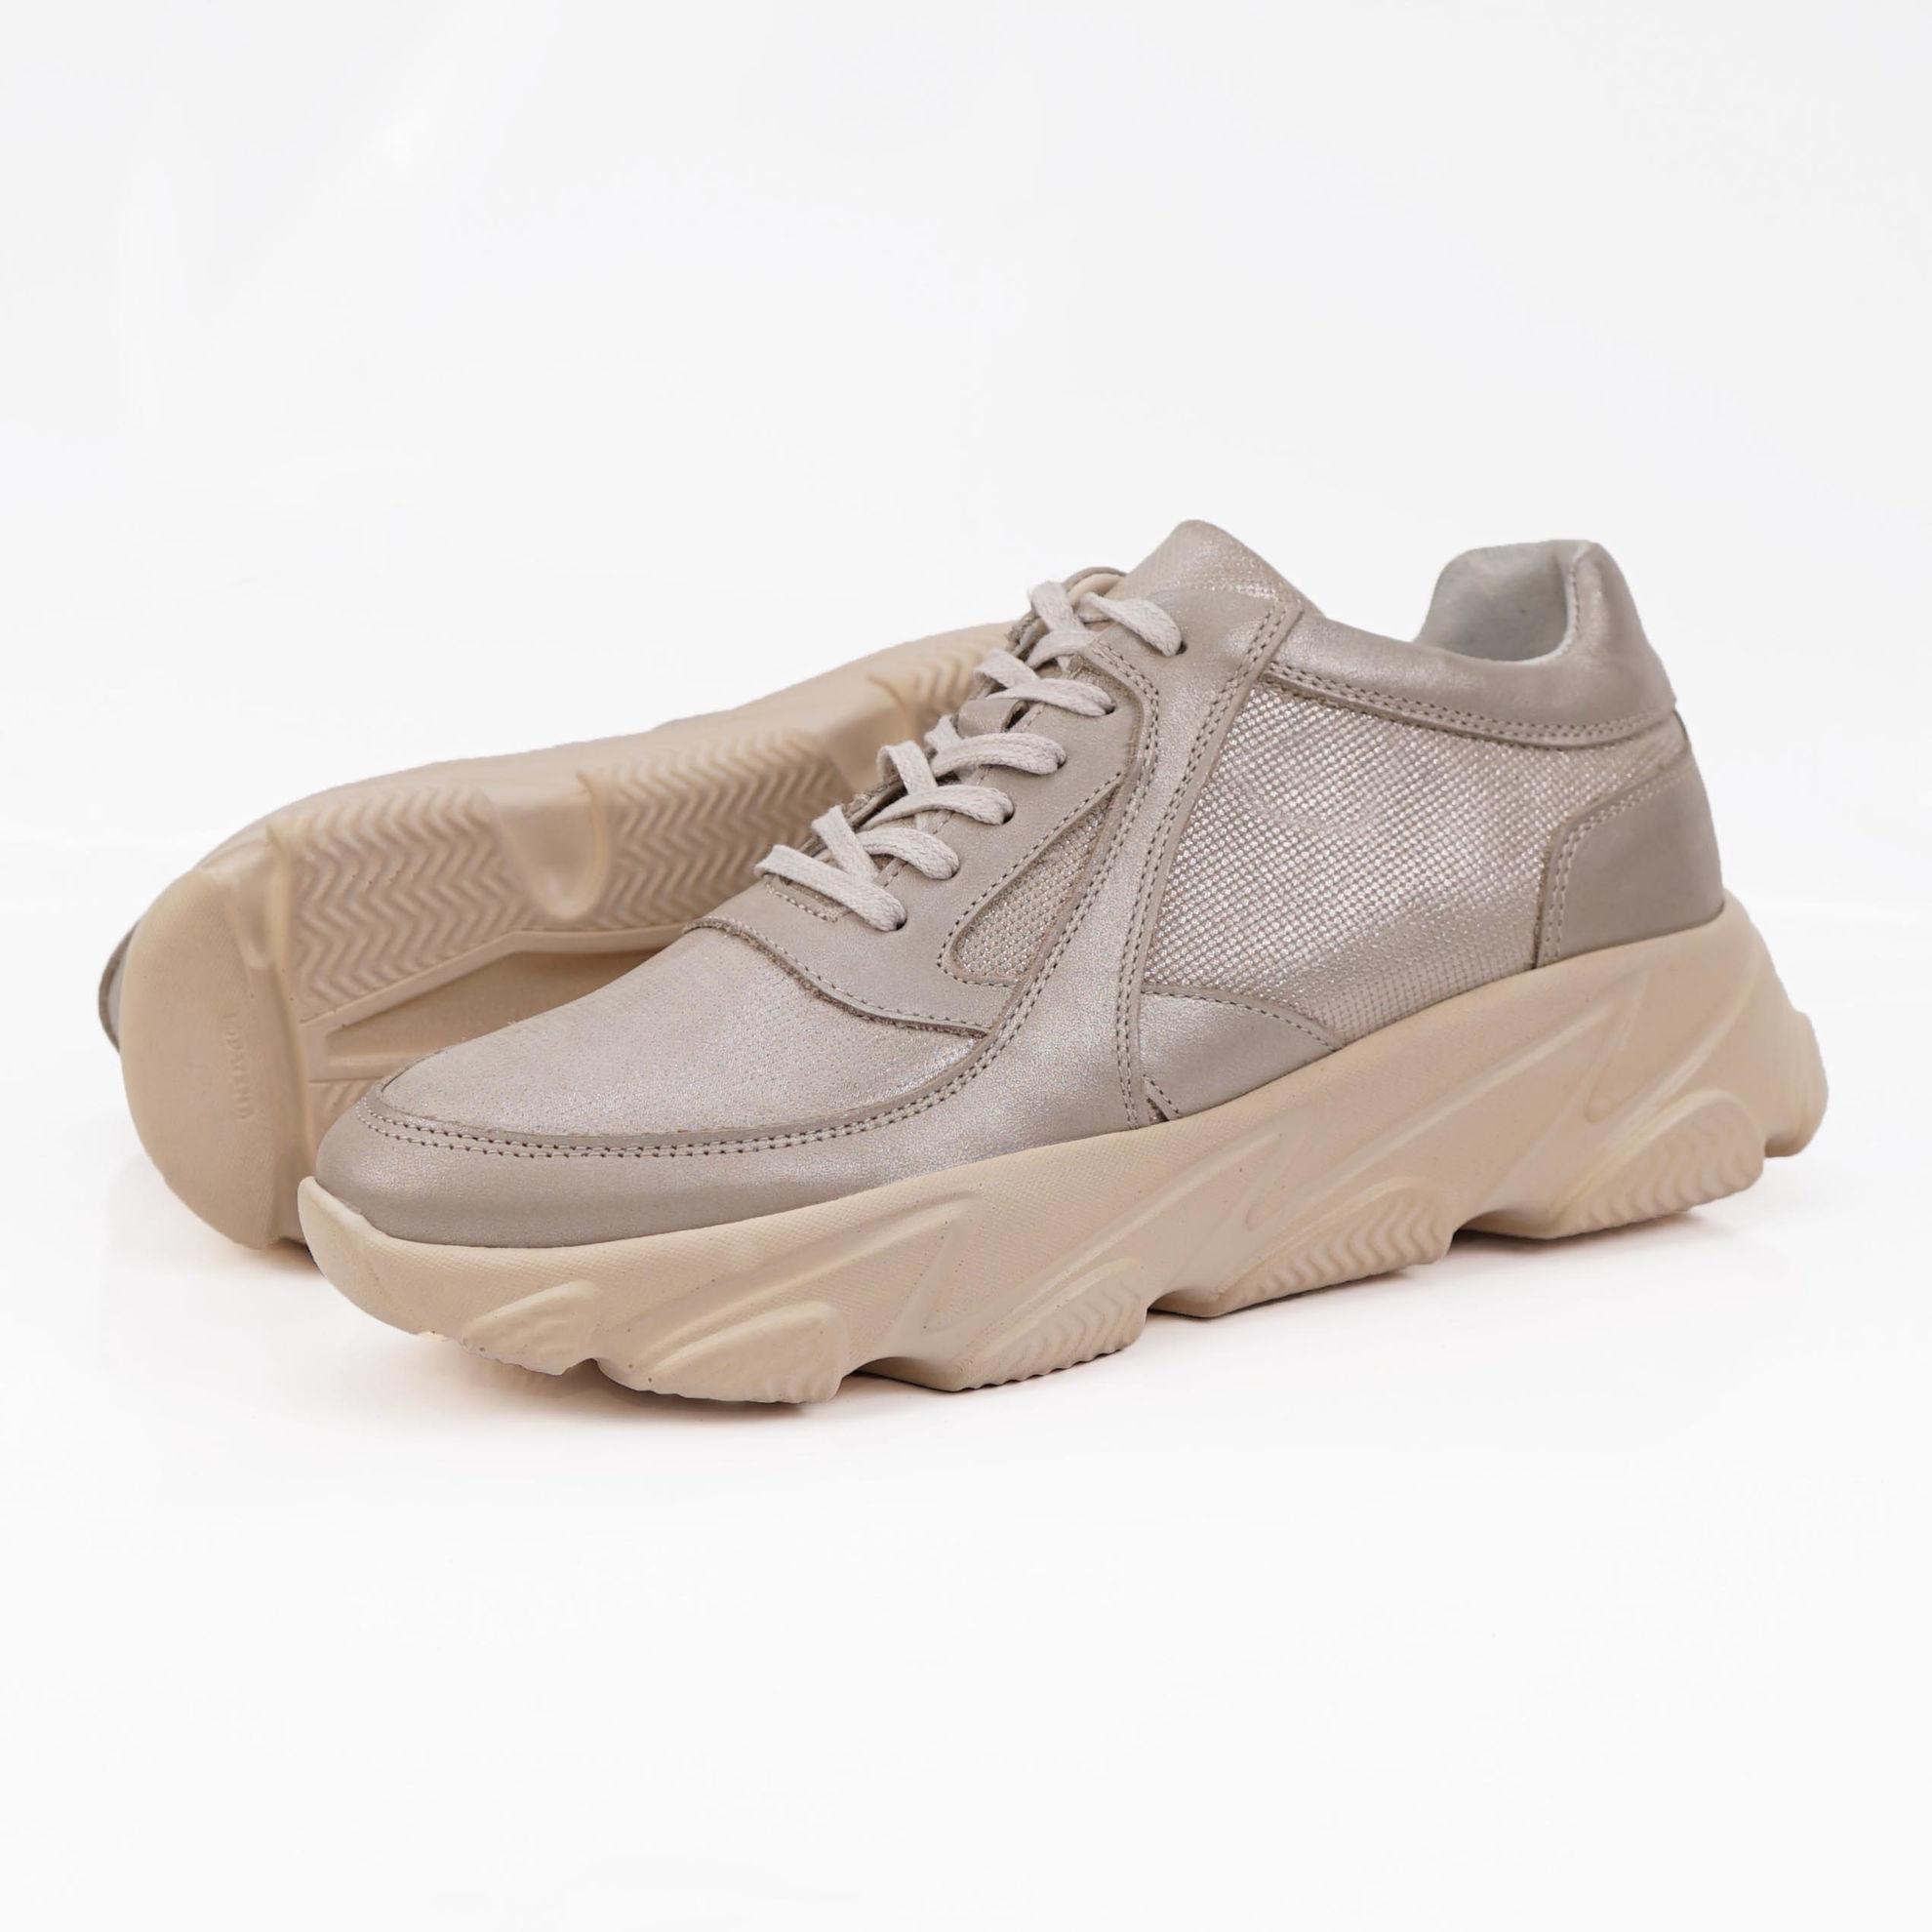 Imagine Pantofi damă piele naturală 122 nude